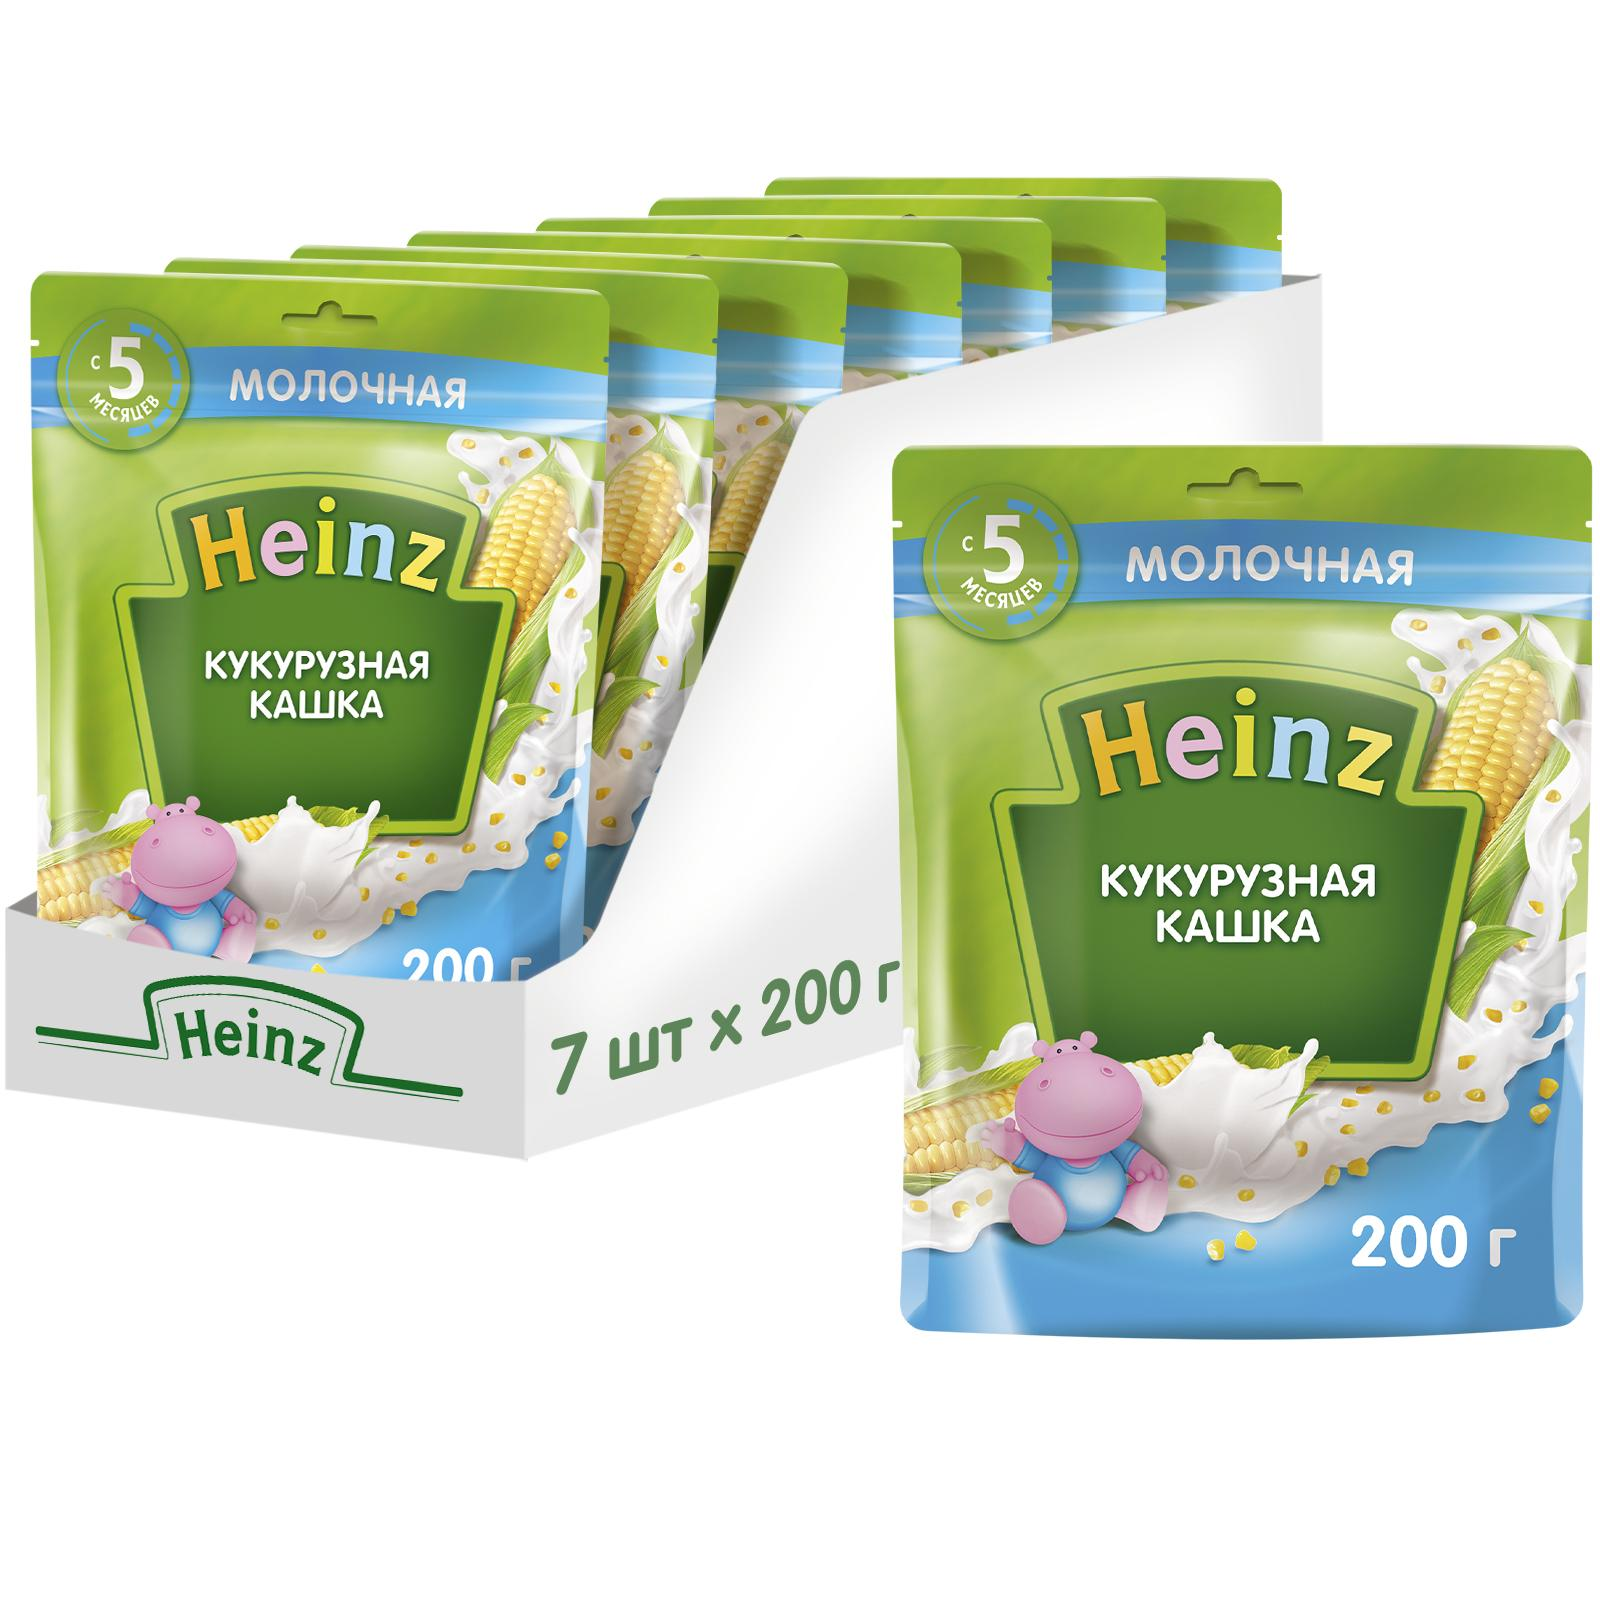 Купить Каша молочная Heinz Кукурузная с 5 мес. 200 г, 7 шт.,